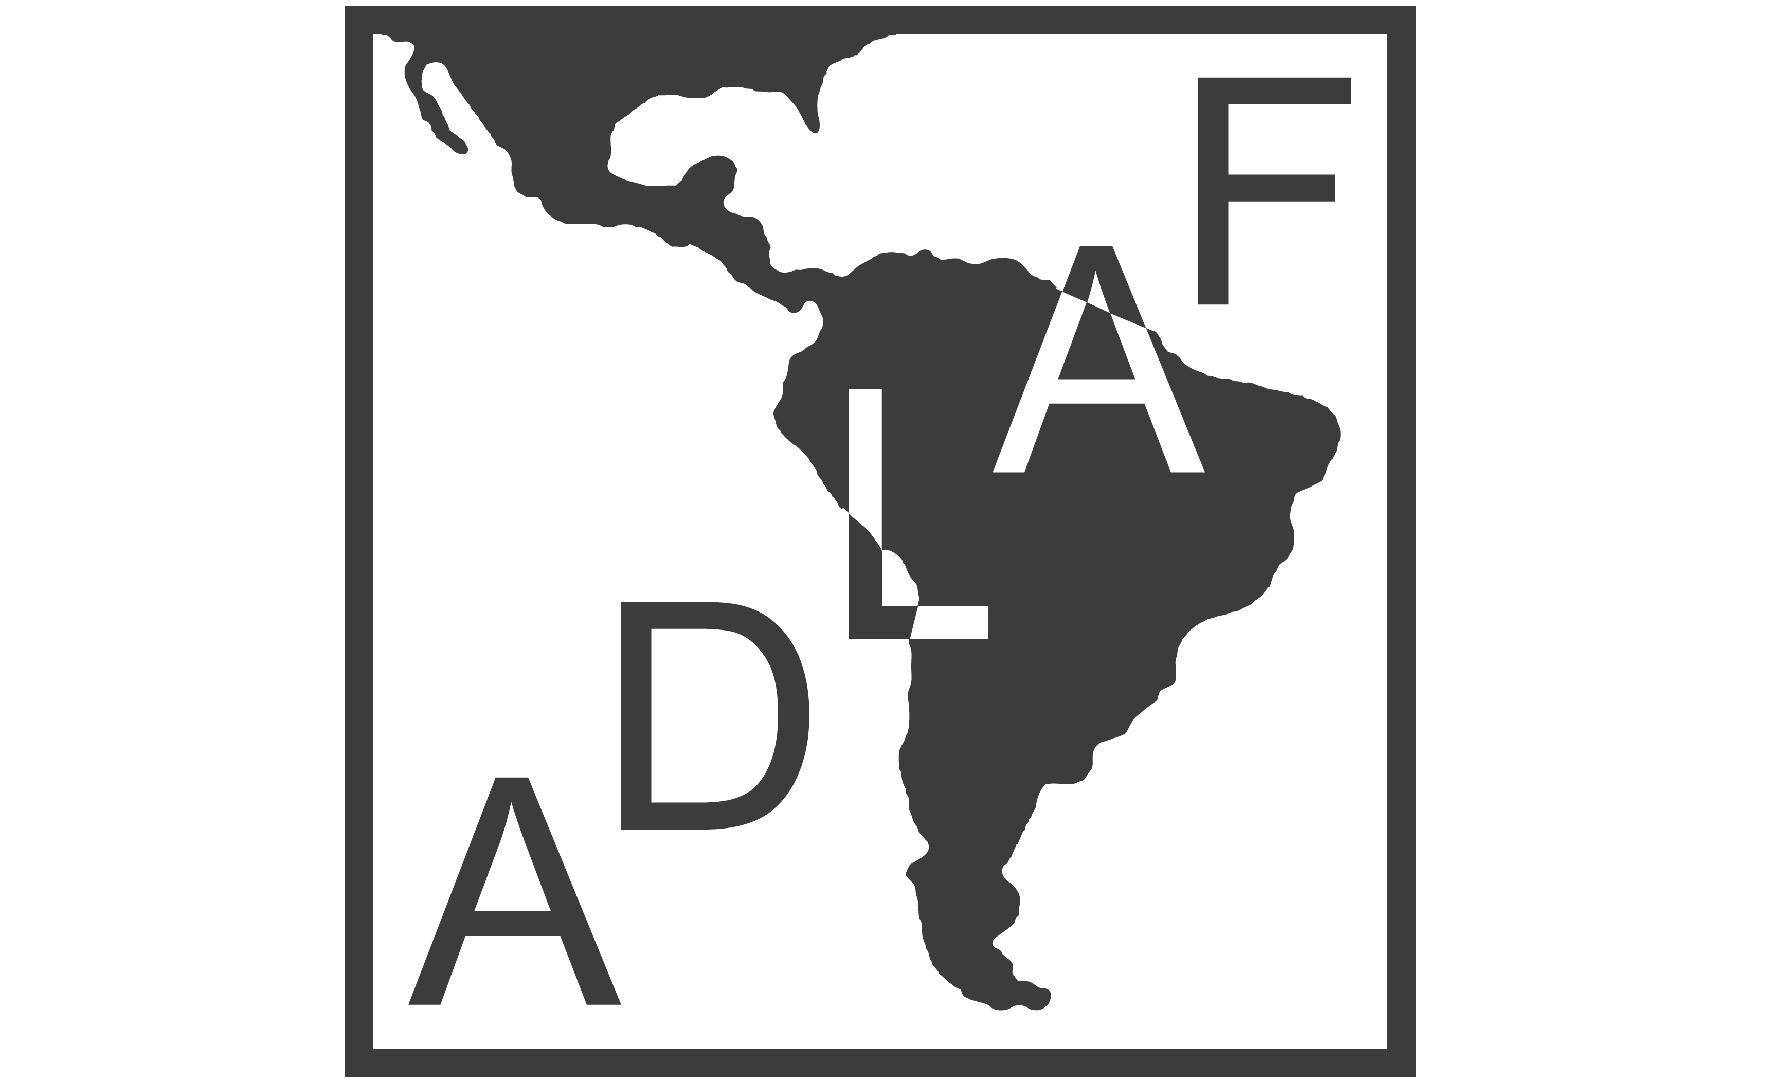 Konrad-Adenauer-Stiftung - Regionalprogramm Energiesicherheit und  Klimawandel Lateinamerika (EKLA) - ADLAF-Tagung 2014